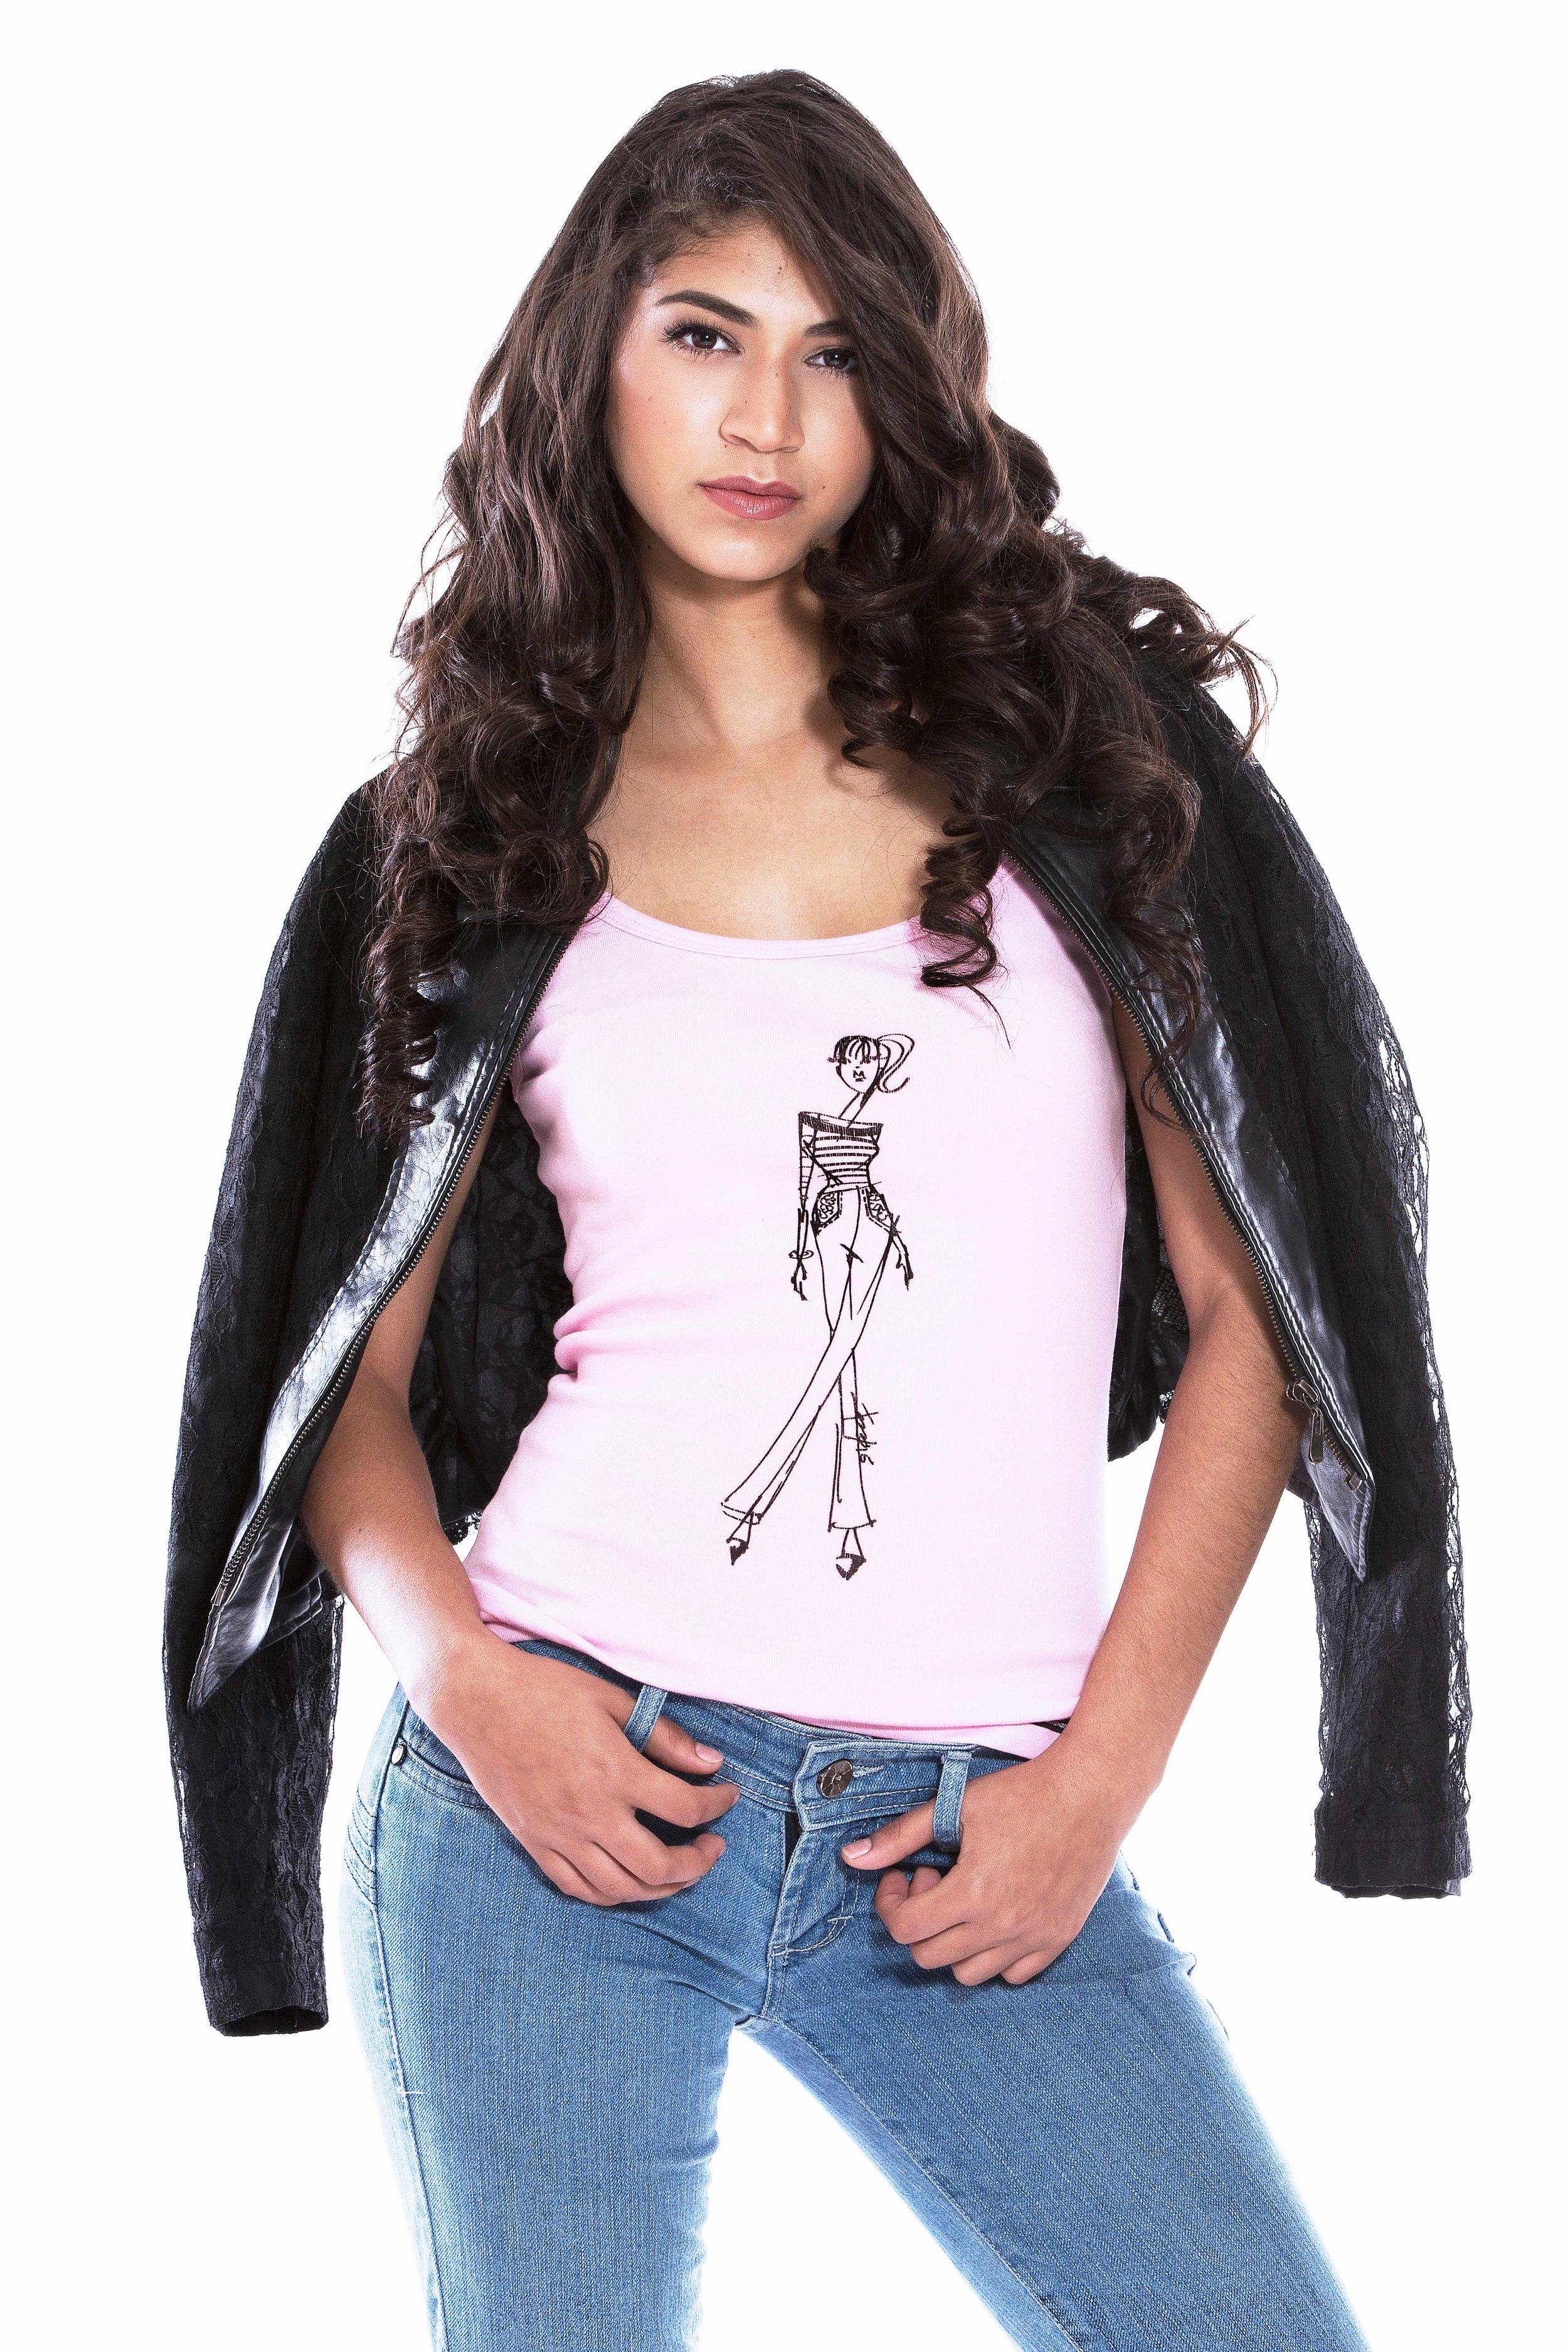 (3)Atrévete a complementar tu camiseta con una chaqueta estilo motociclista! Recuerda que para dar este